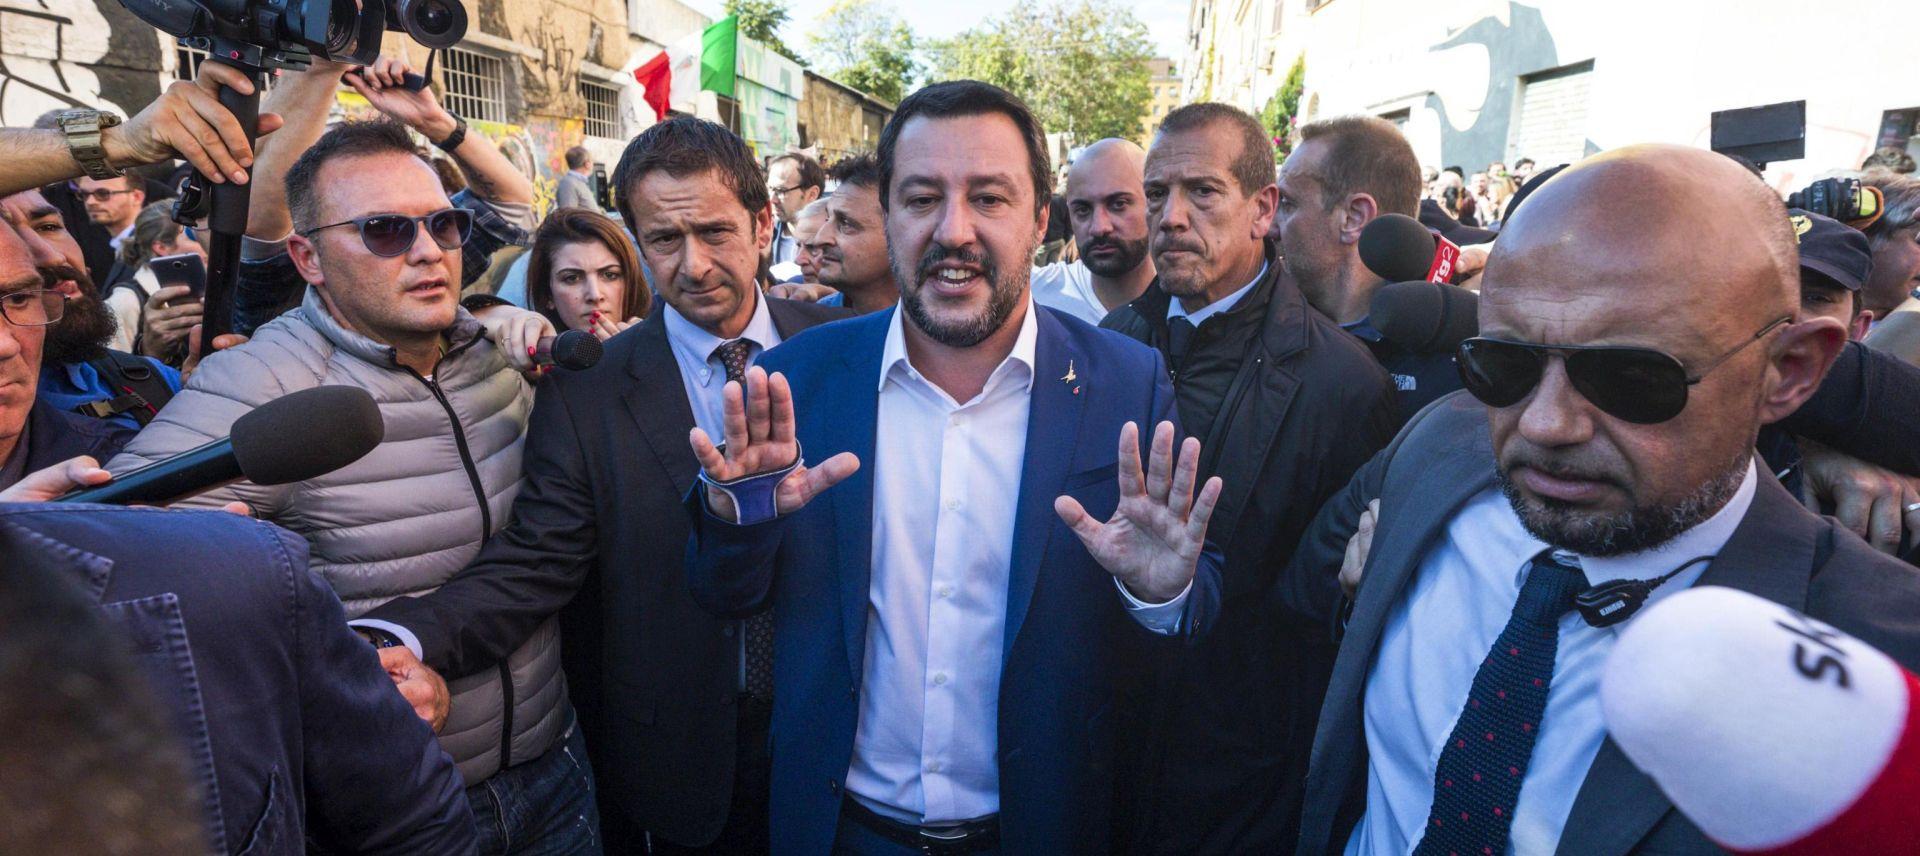 Talijanska vlada dobila povjerenje u jeku koalicijskih napetosti